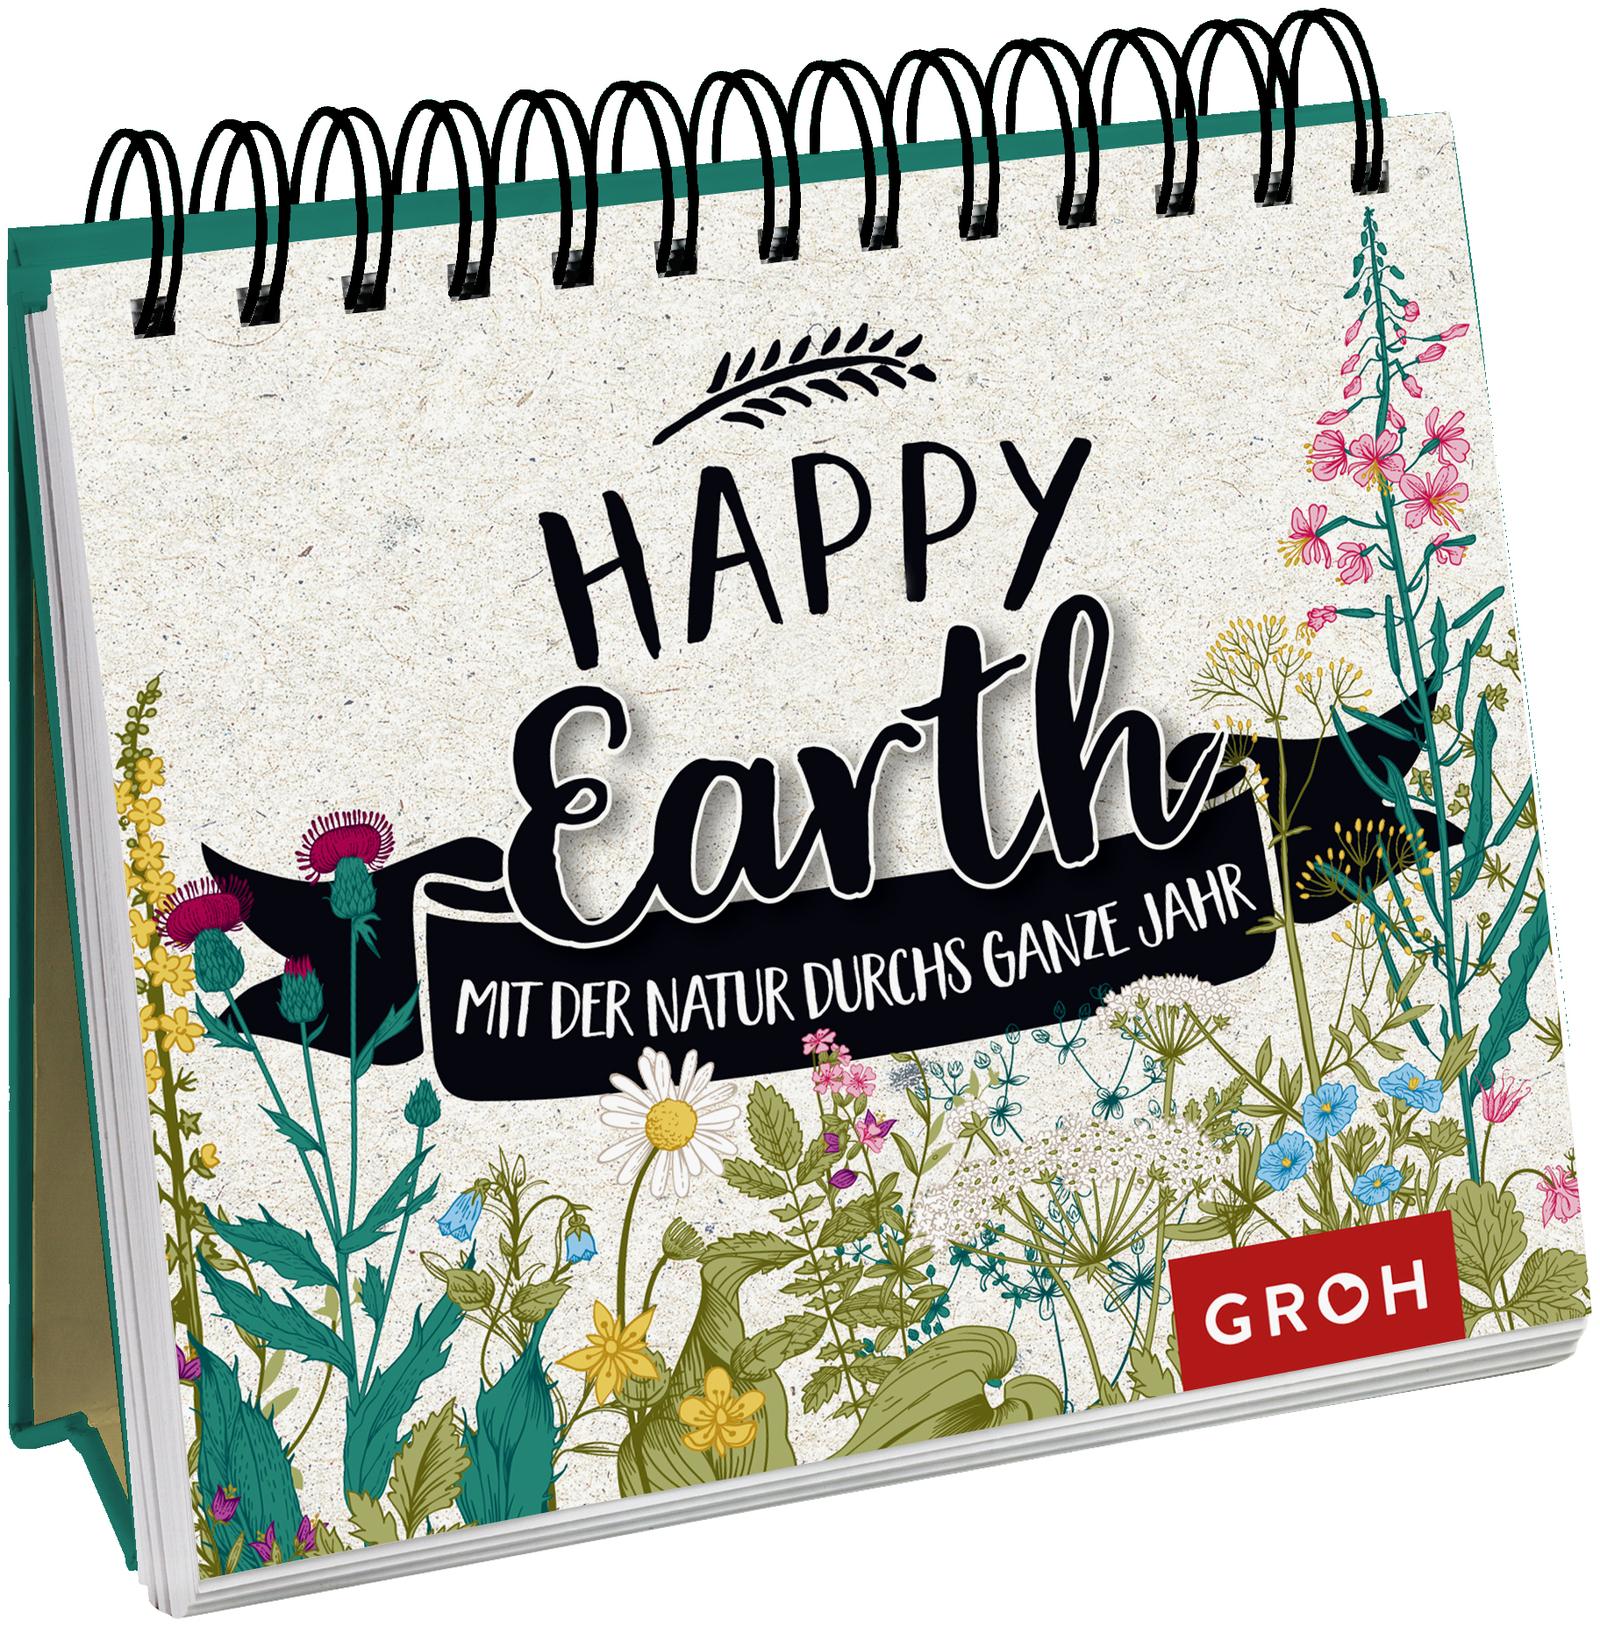 Happy Earth - mit der Natur durchs ganze Jahr